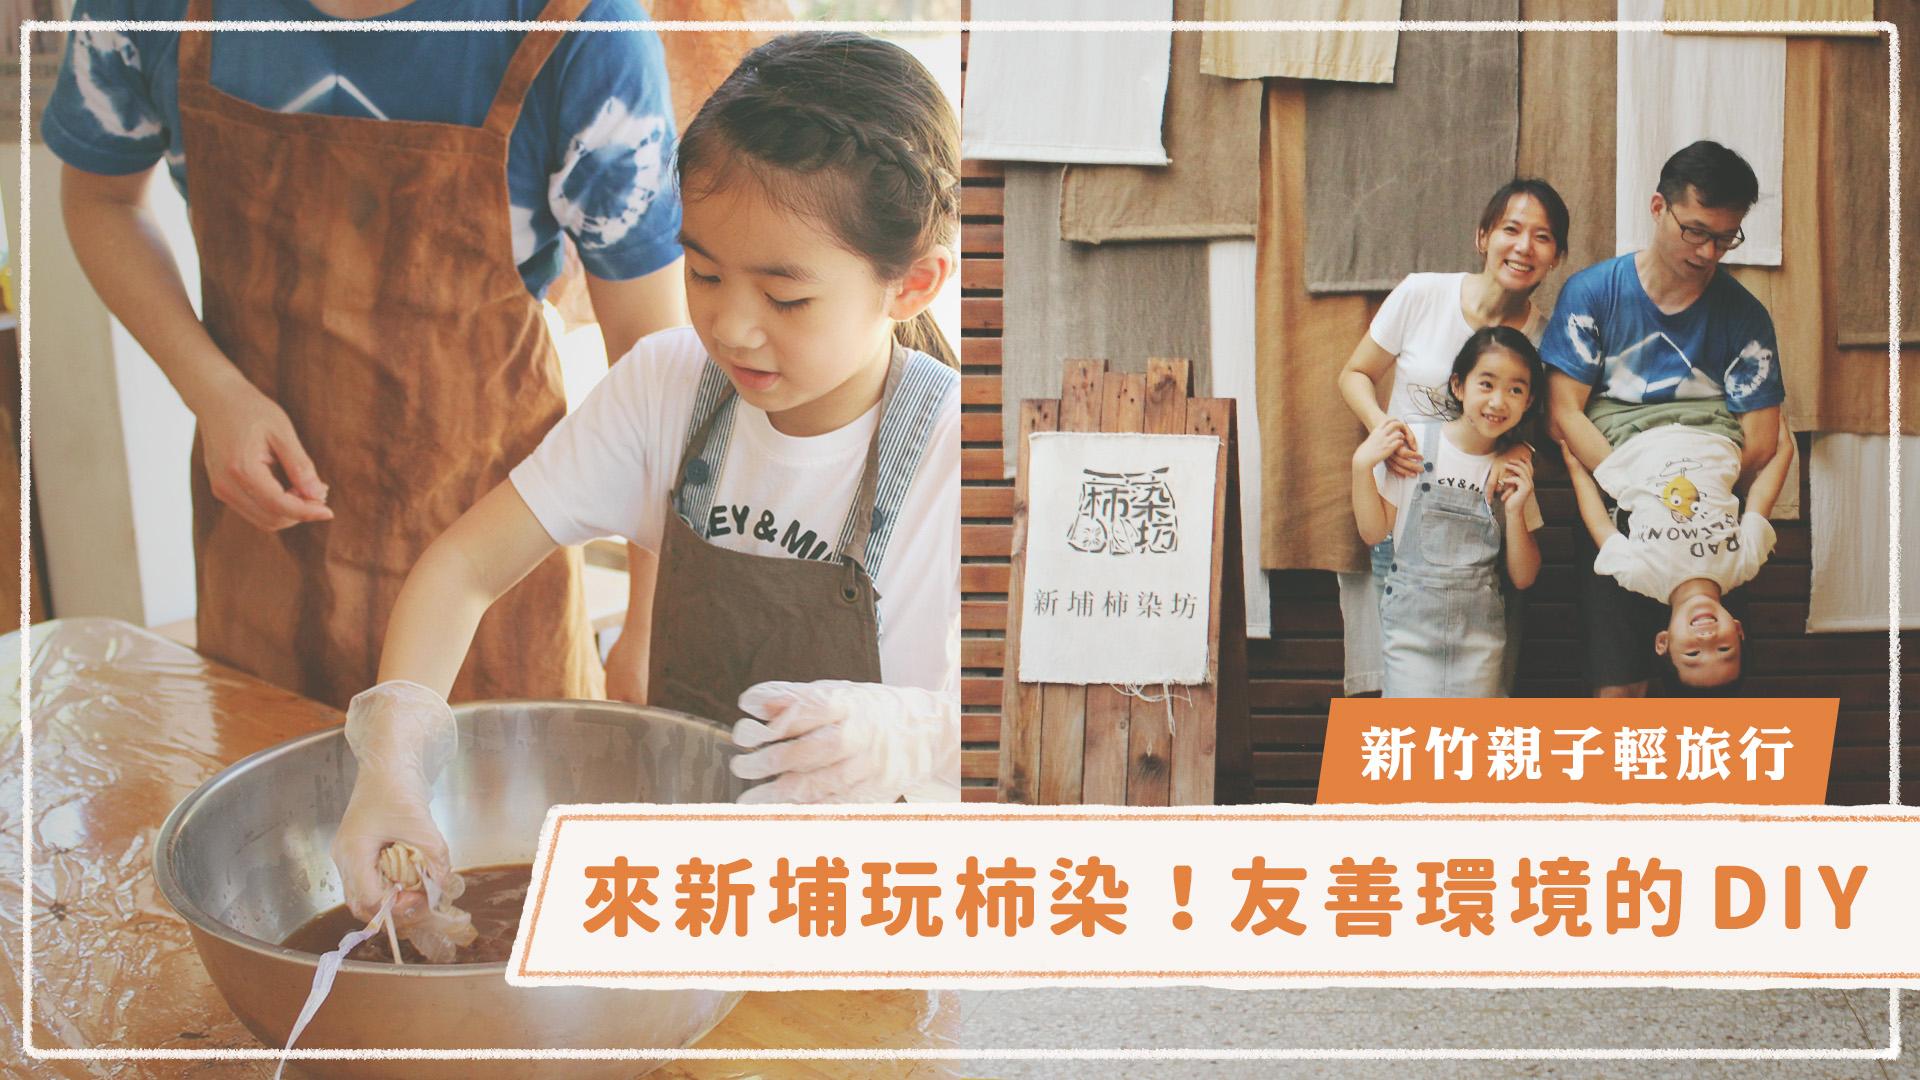 【新竹特色輕旅行推薦】新埔柿染 DIY,來認識柿子文化的的環保利用!